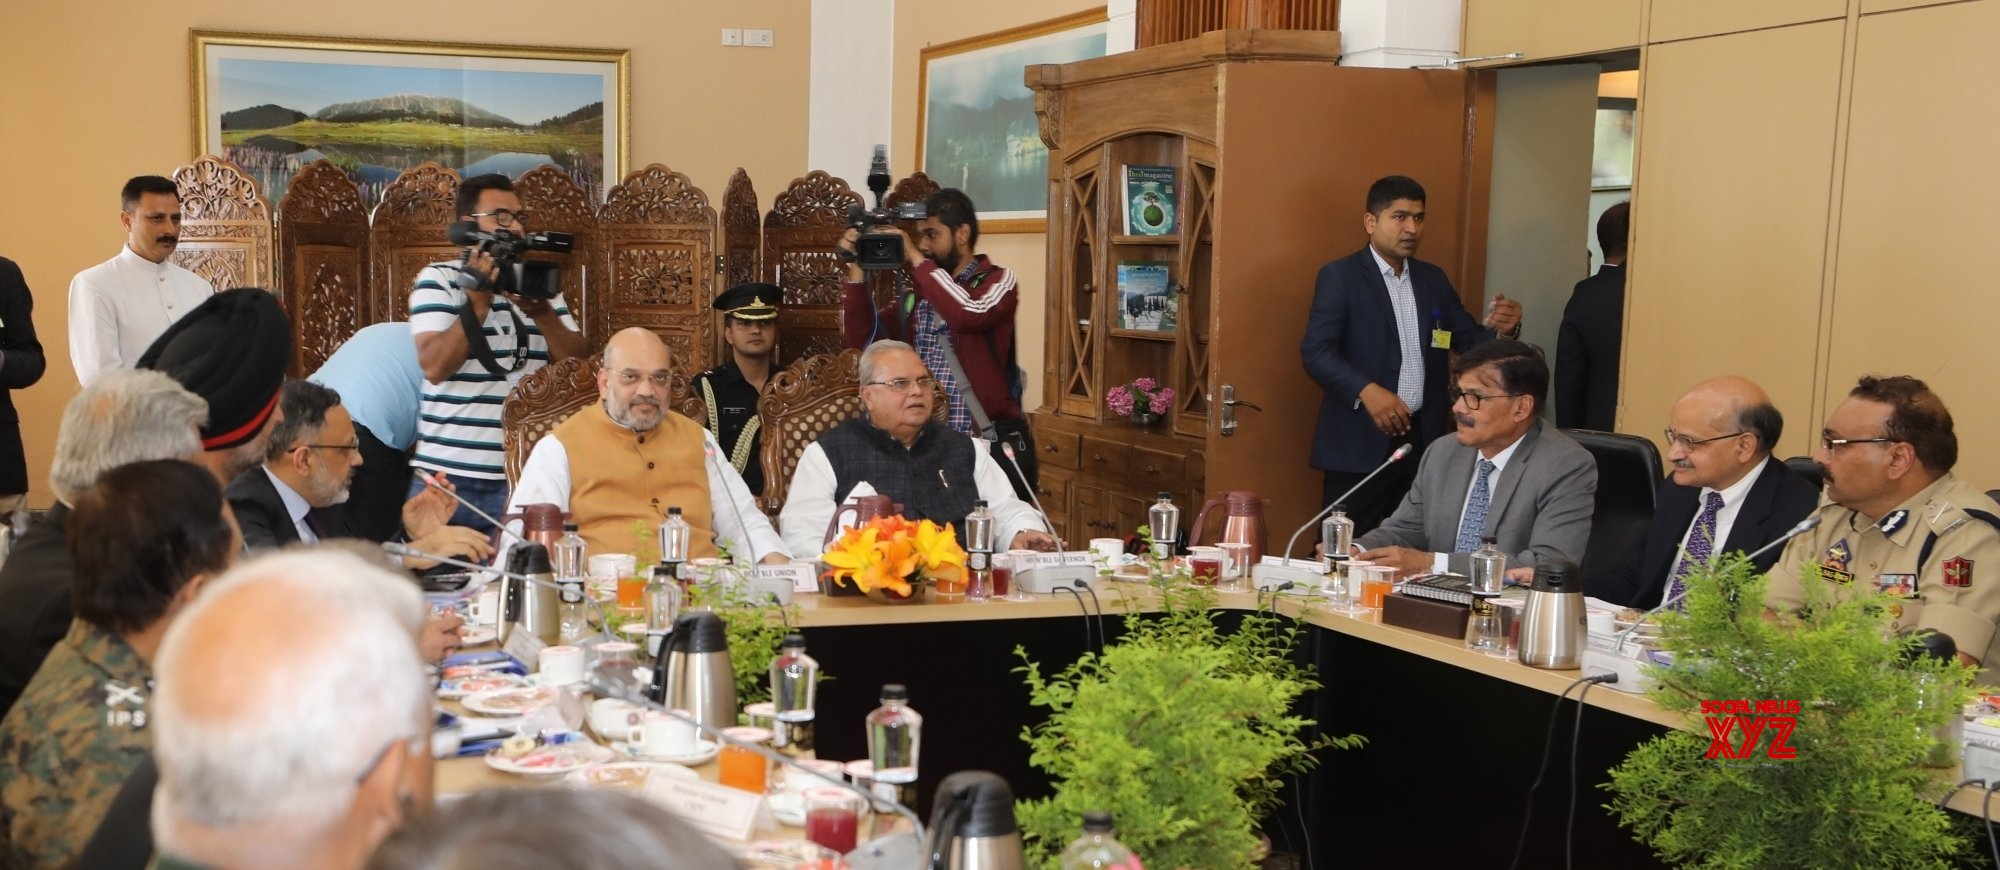 Uproot graft at top level, Shah tells J&K babus